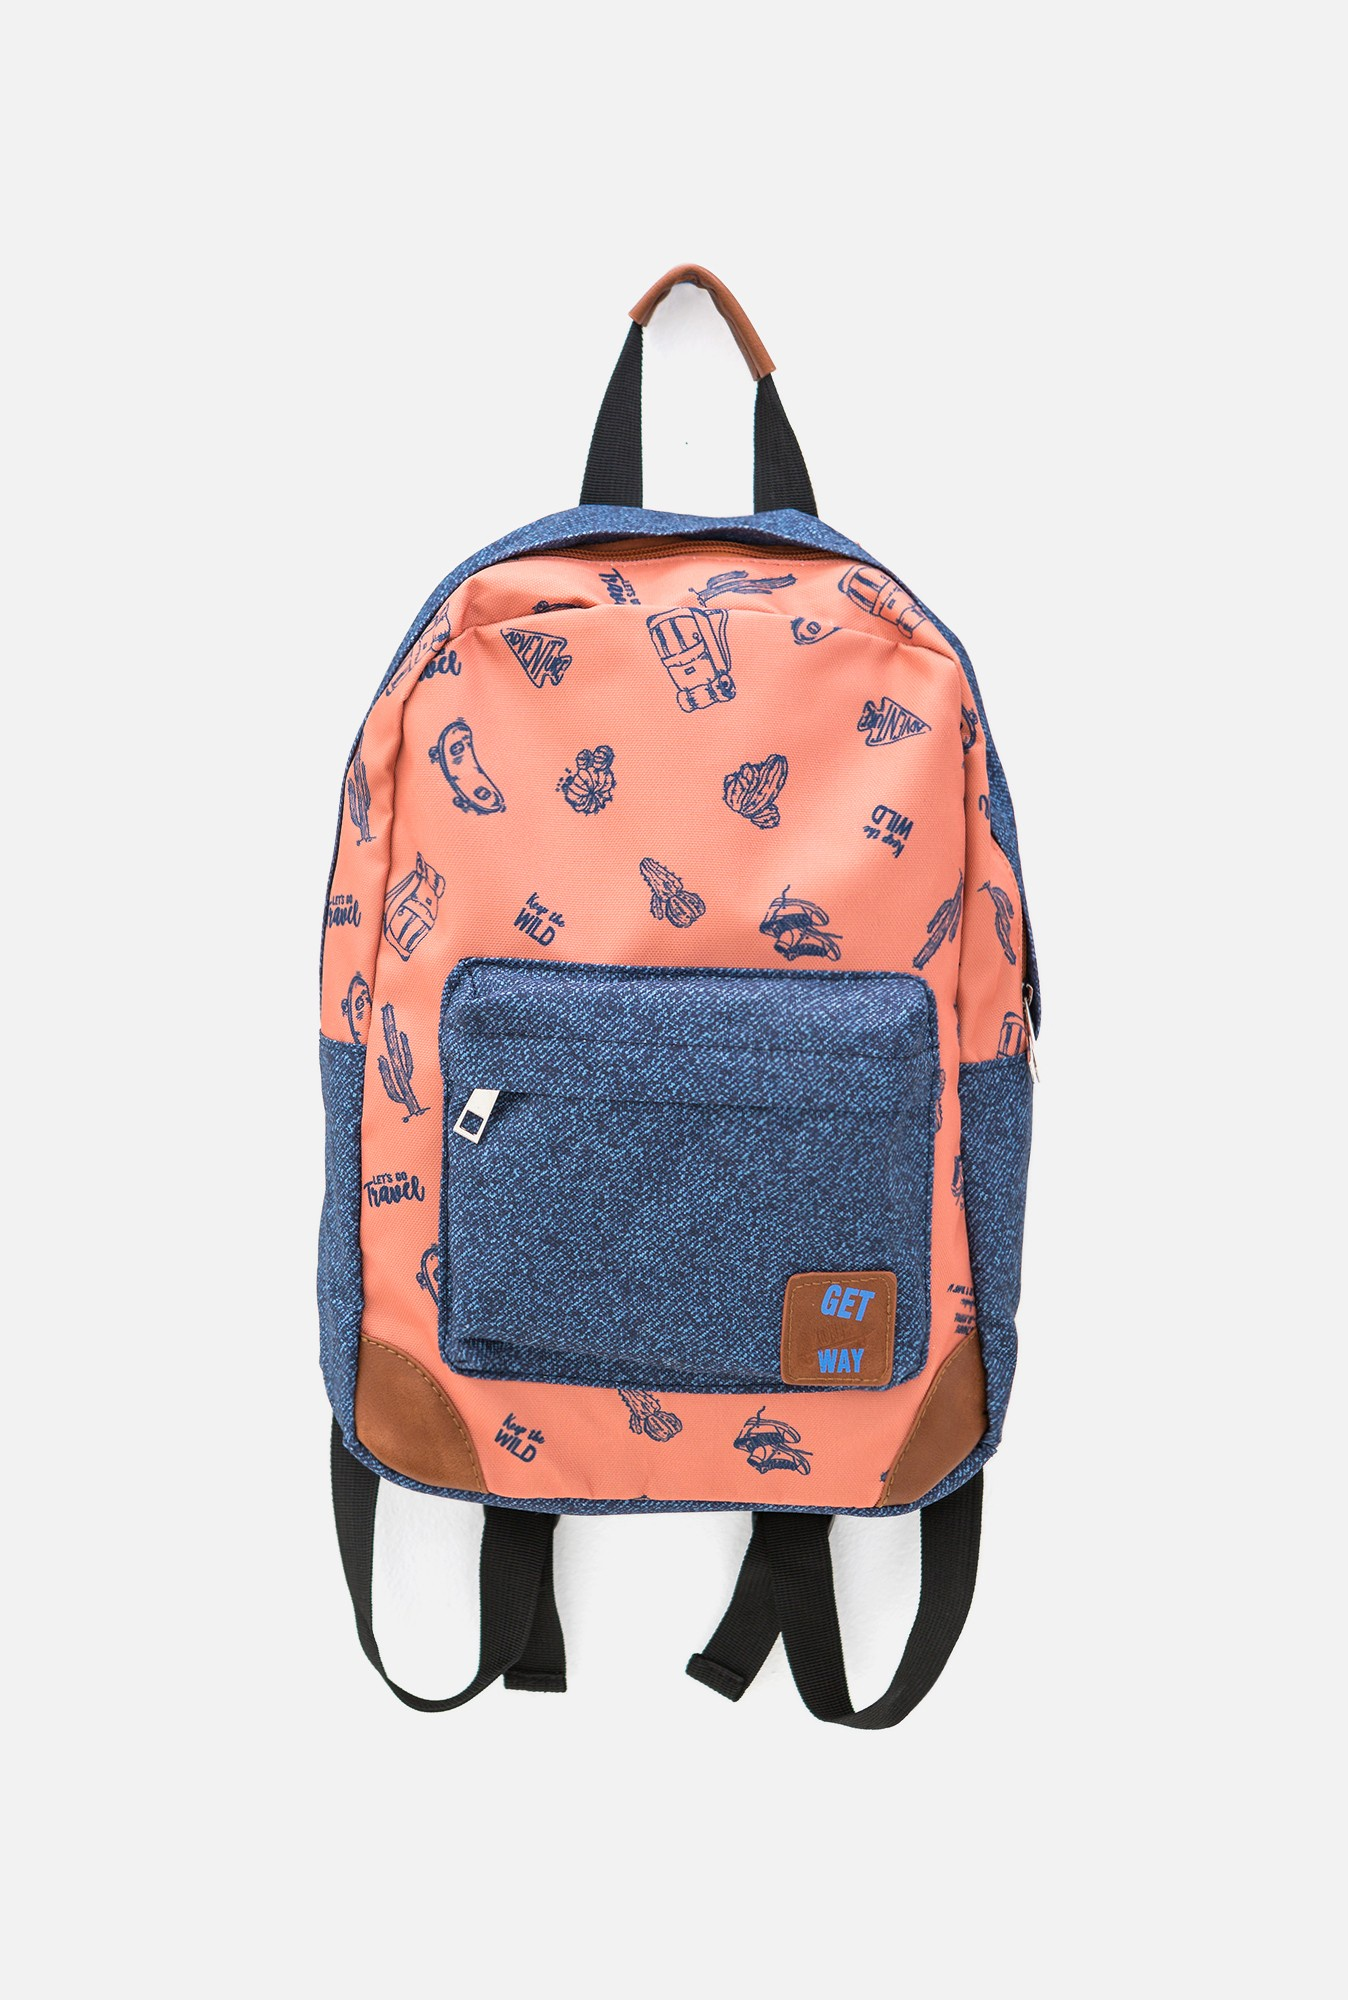 Рюкзак ACOOLA 20106100038_0040919, разноцветный рюкзак разноцветный roald